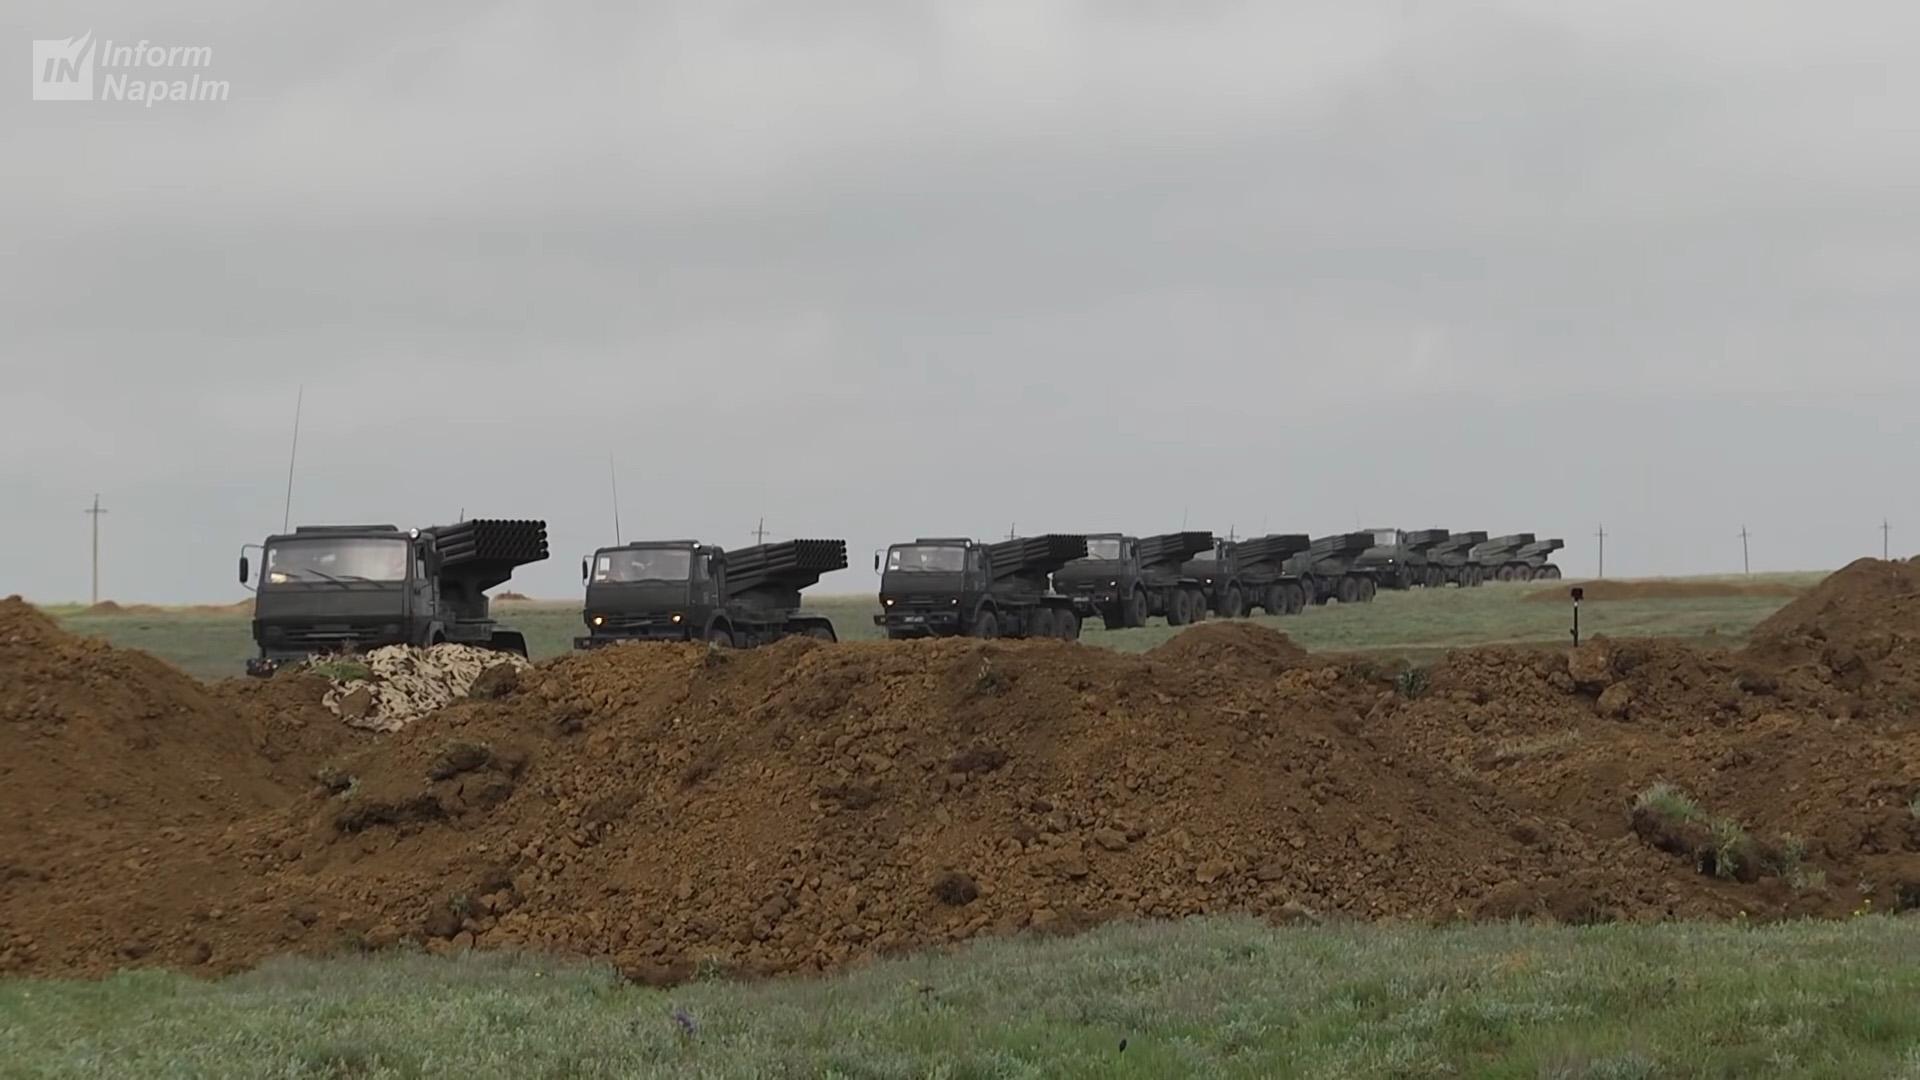 Svartahavsmarinens 8. Artilleriregemente består av överlöpare